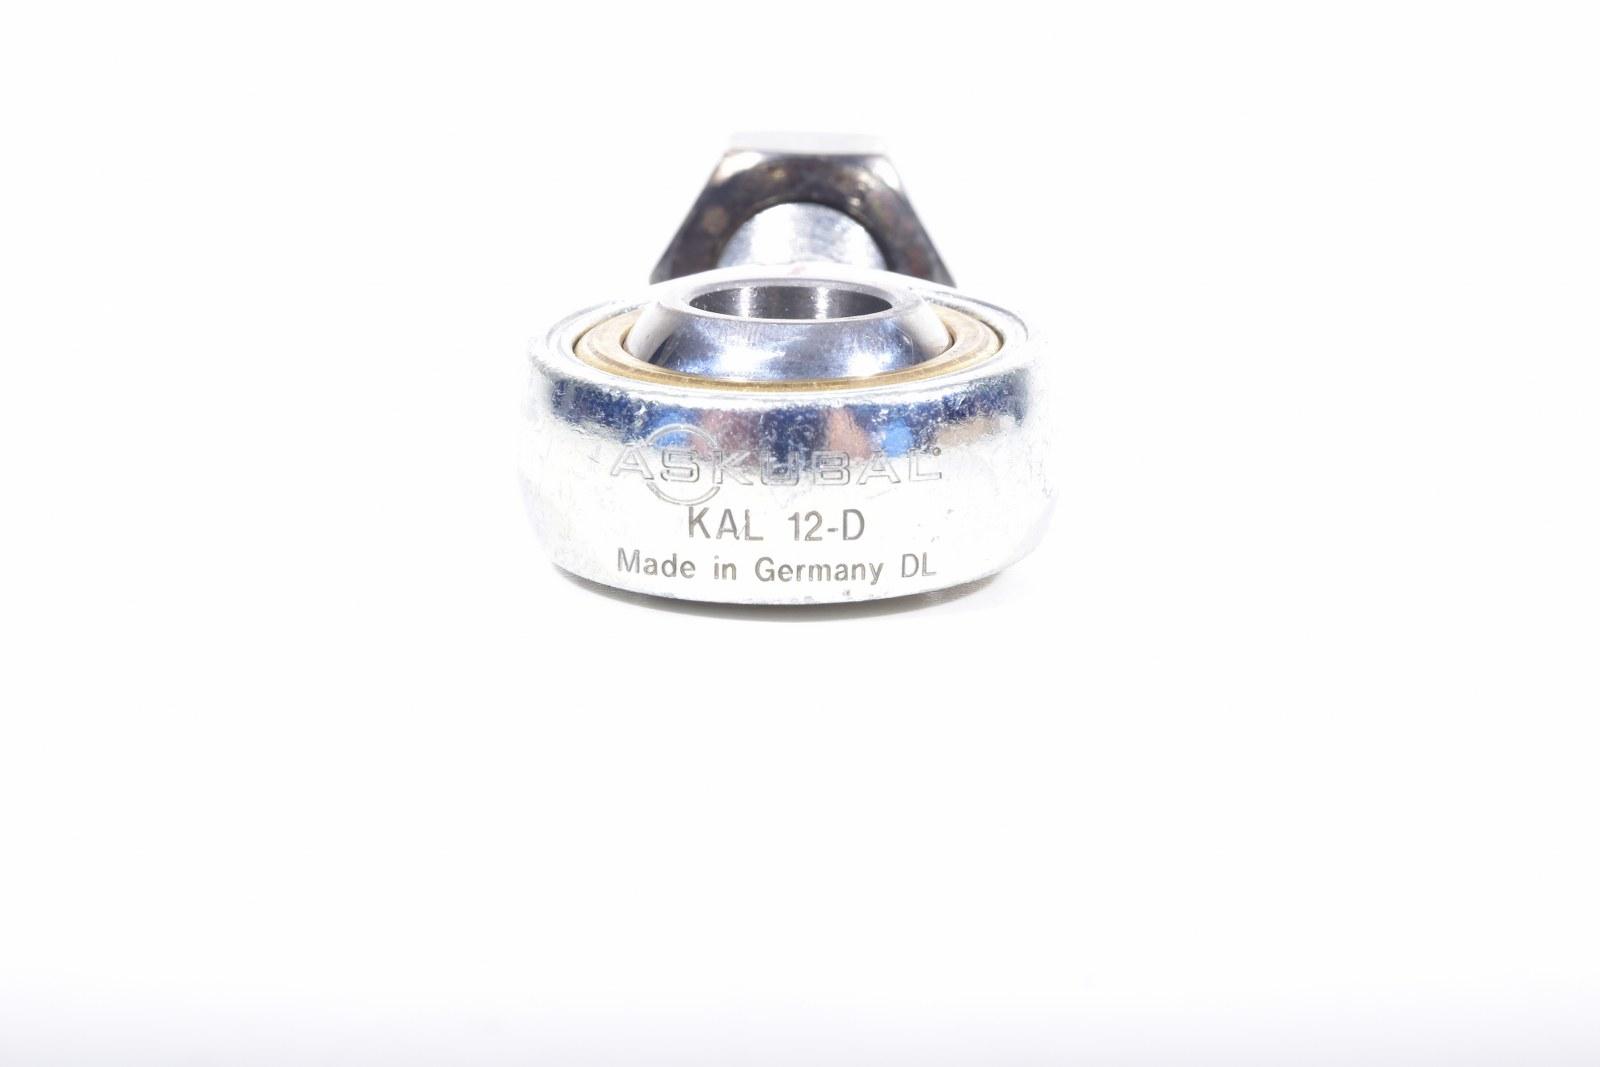 Gelenkkopf L30mm ASKUBAL KAL 12-D